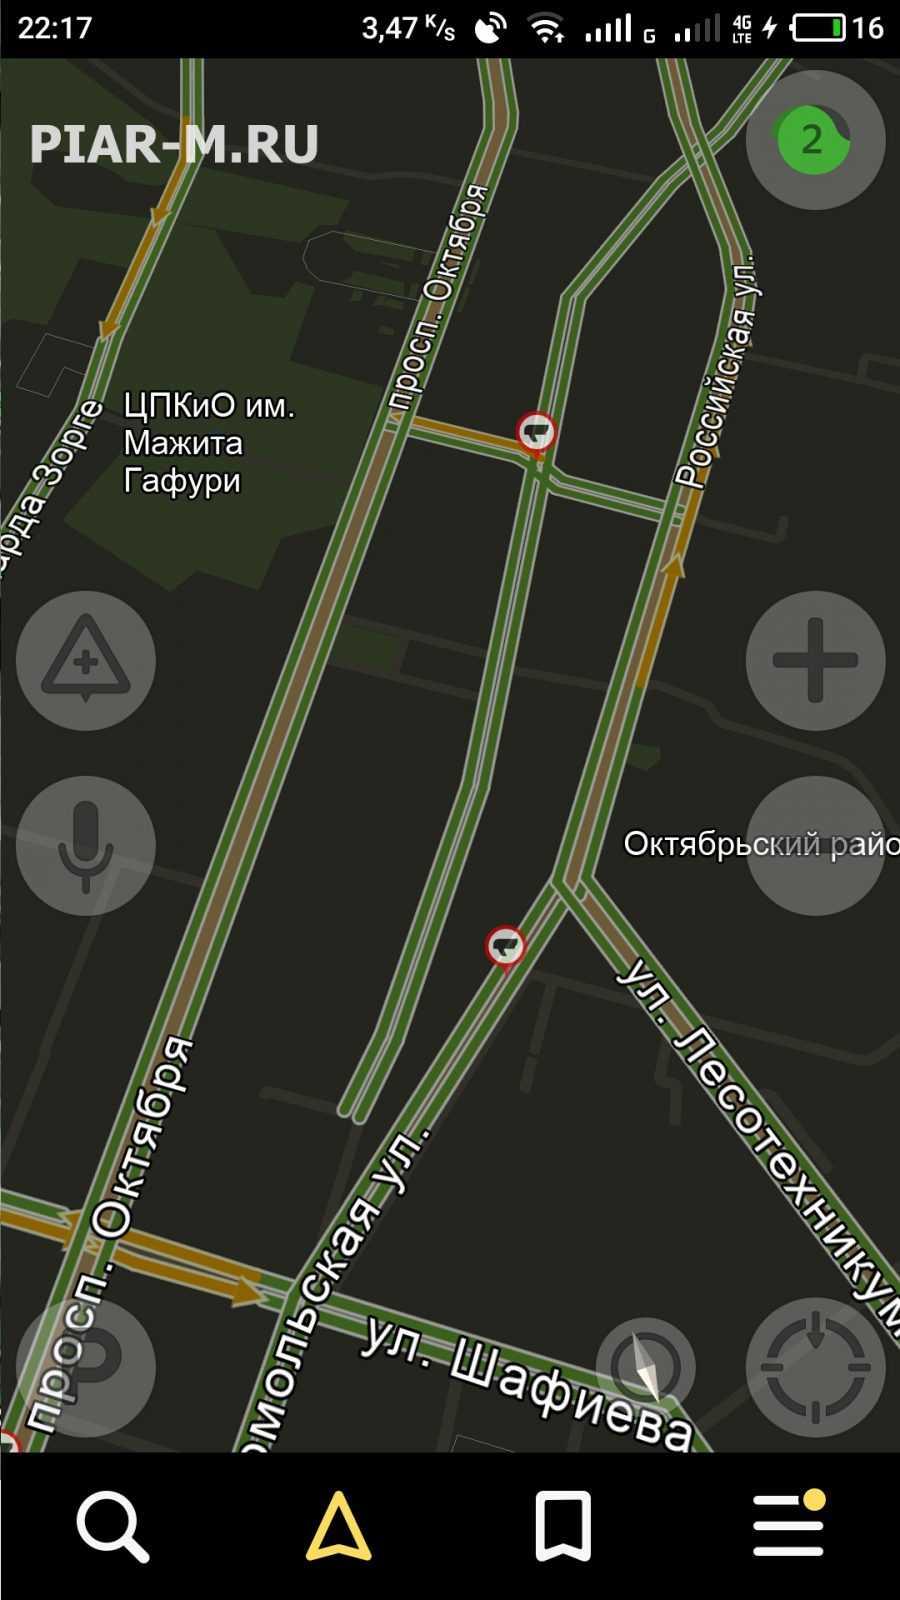 Какой навигатор лучше установить на андроид: яндекс навигатор